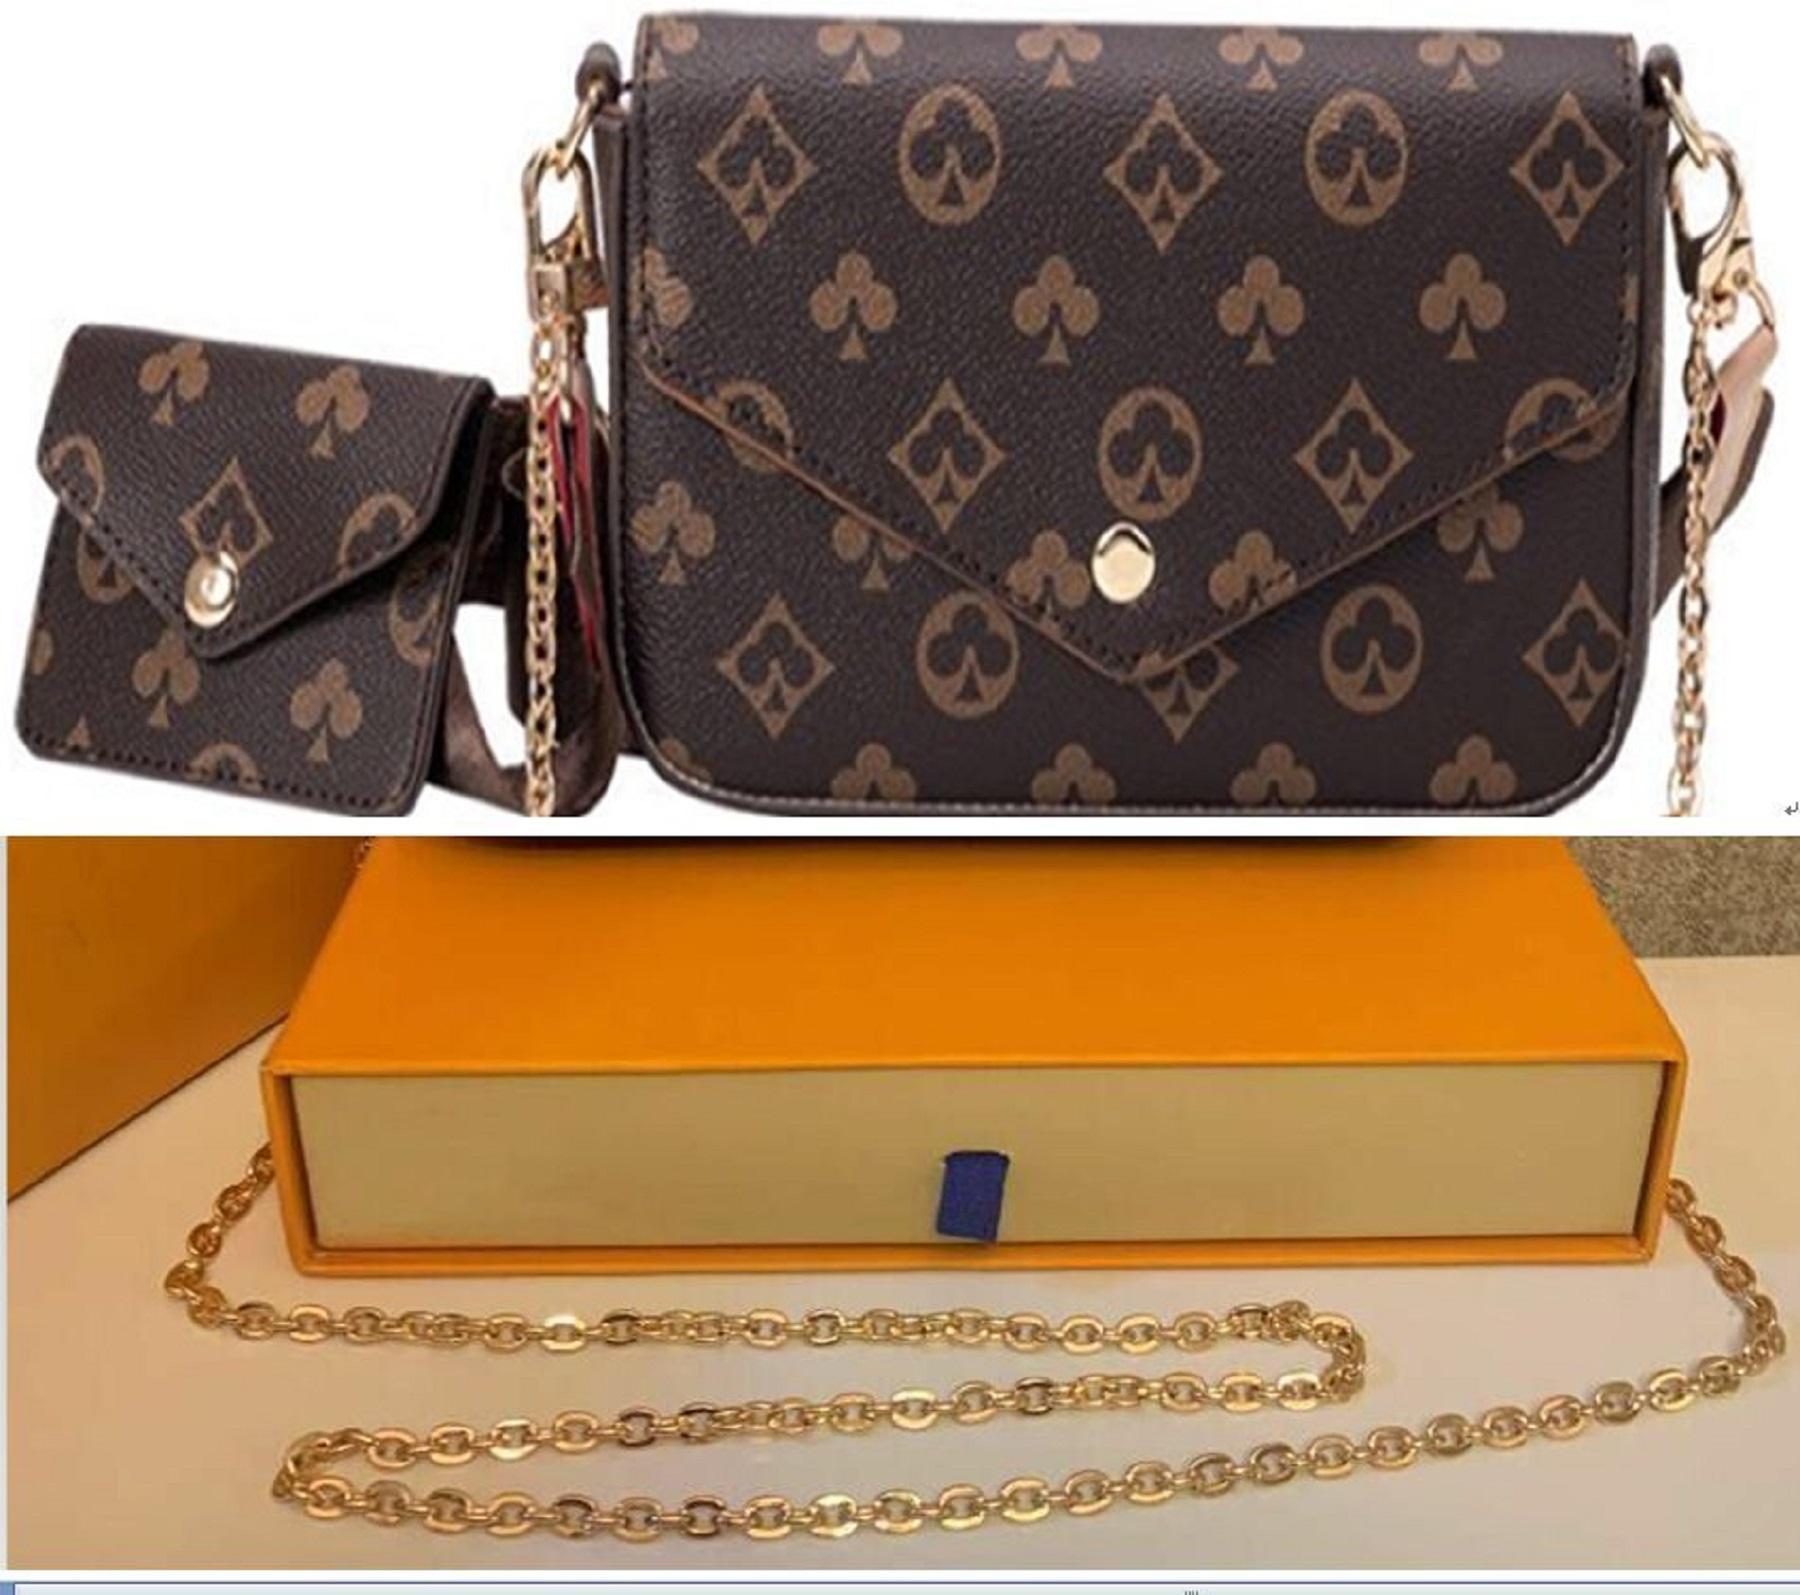 Alta calidad 4 colores enrejado 2pcs conjunto de bolsos de moda pestañas diseño bolsos bolso de mano bolsa de cuerpo cuerpo bolso de mujer bolso de hombro mensajero # 787677